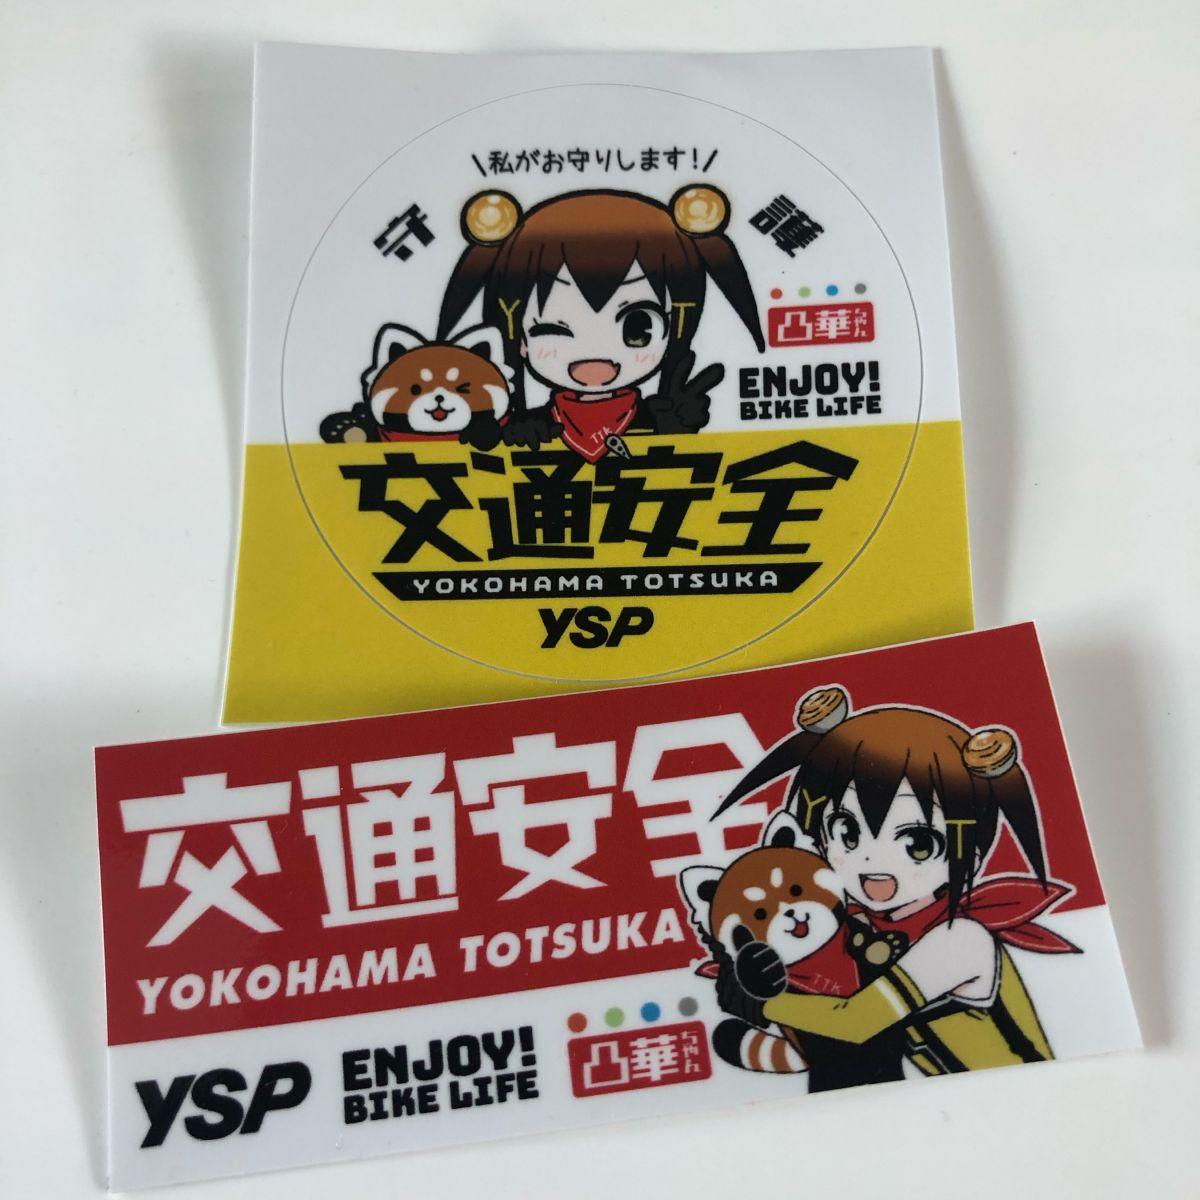 戸塚 ysp 横浜